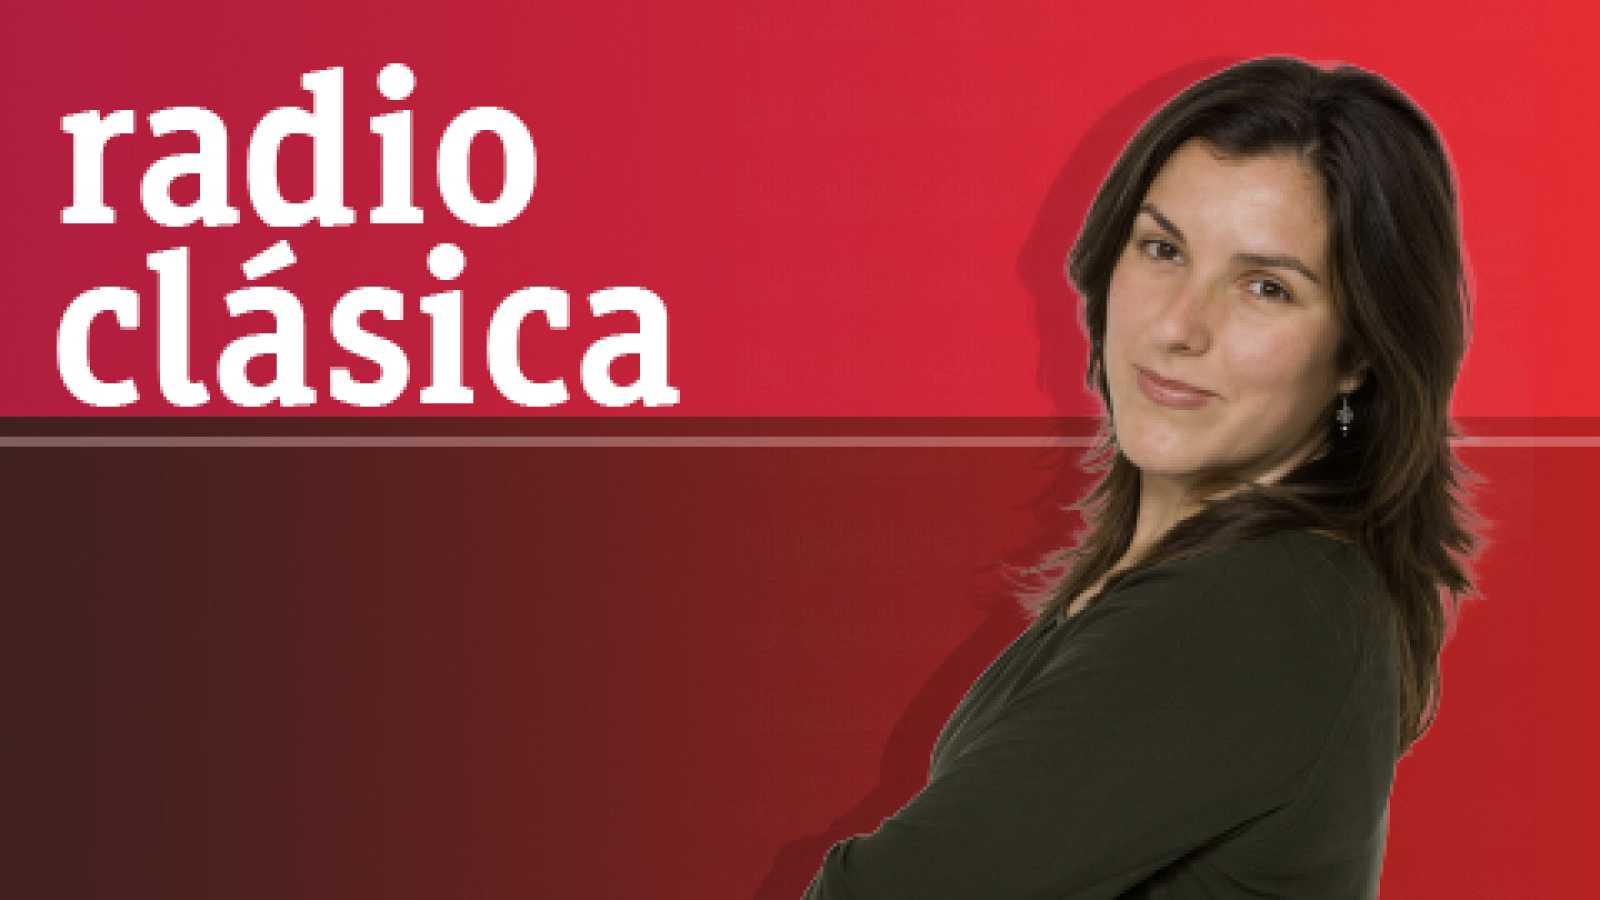 Los clásicos - José Antonio Montaño - 25/06/15 - escuchar ahora